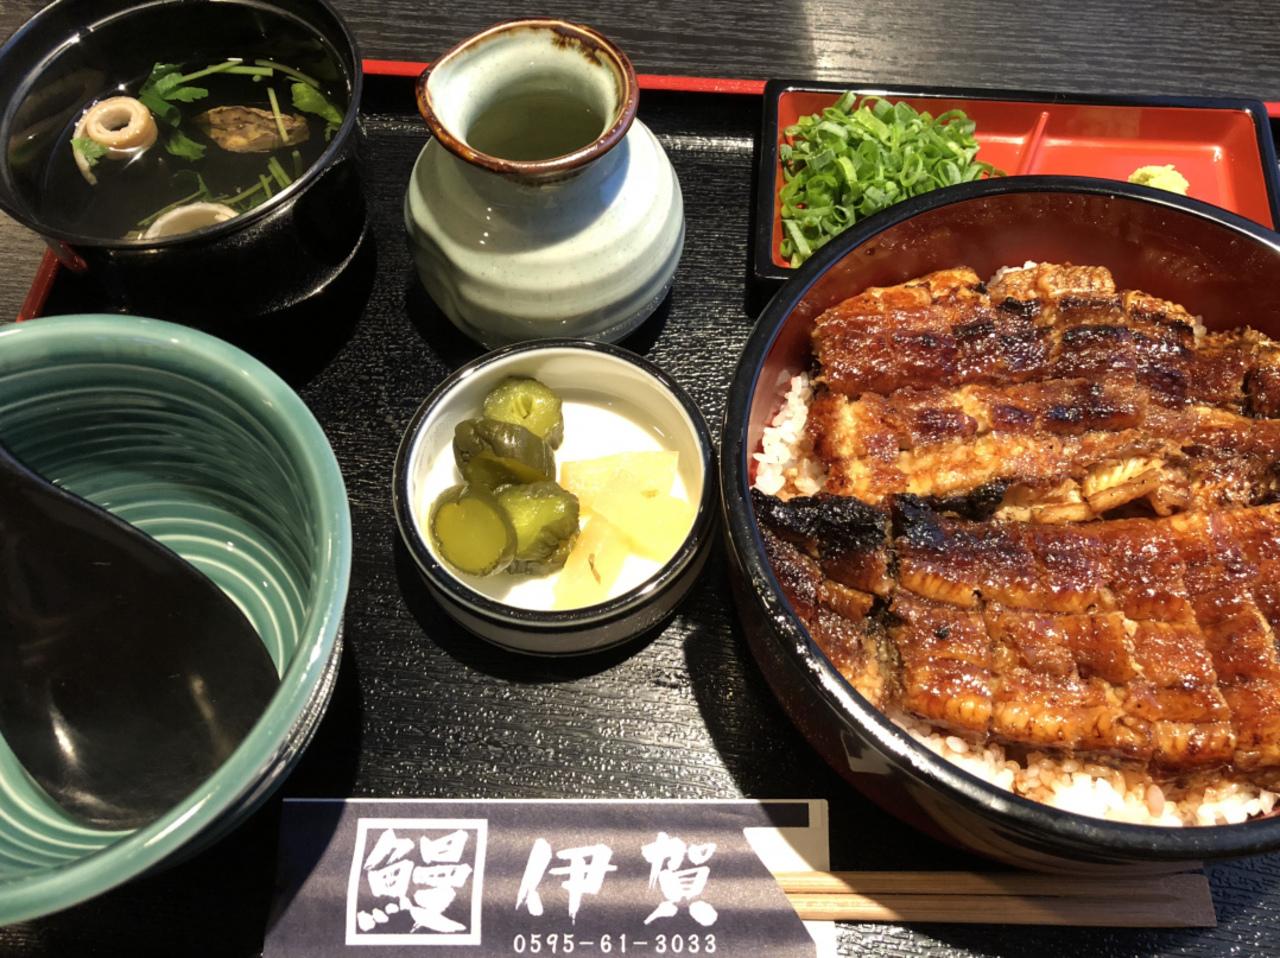 「炭焼き 鰻 伊賀 」に行って来ました。